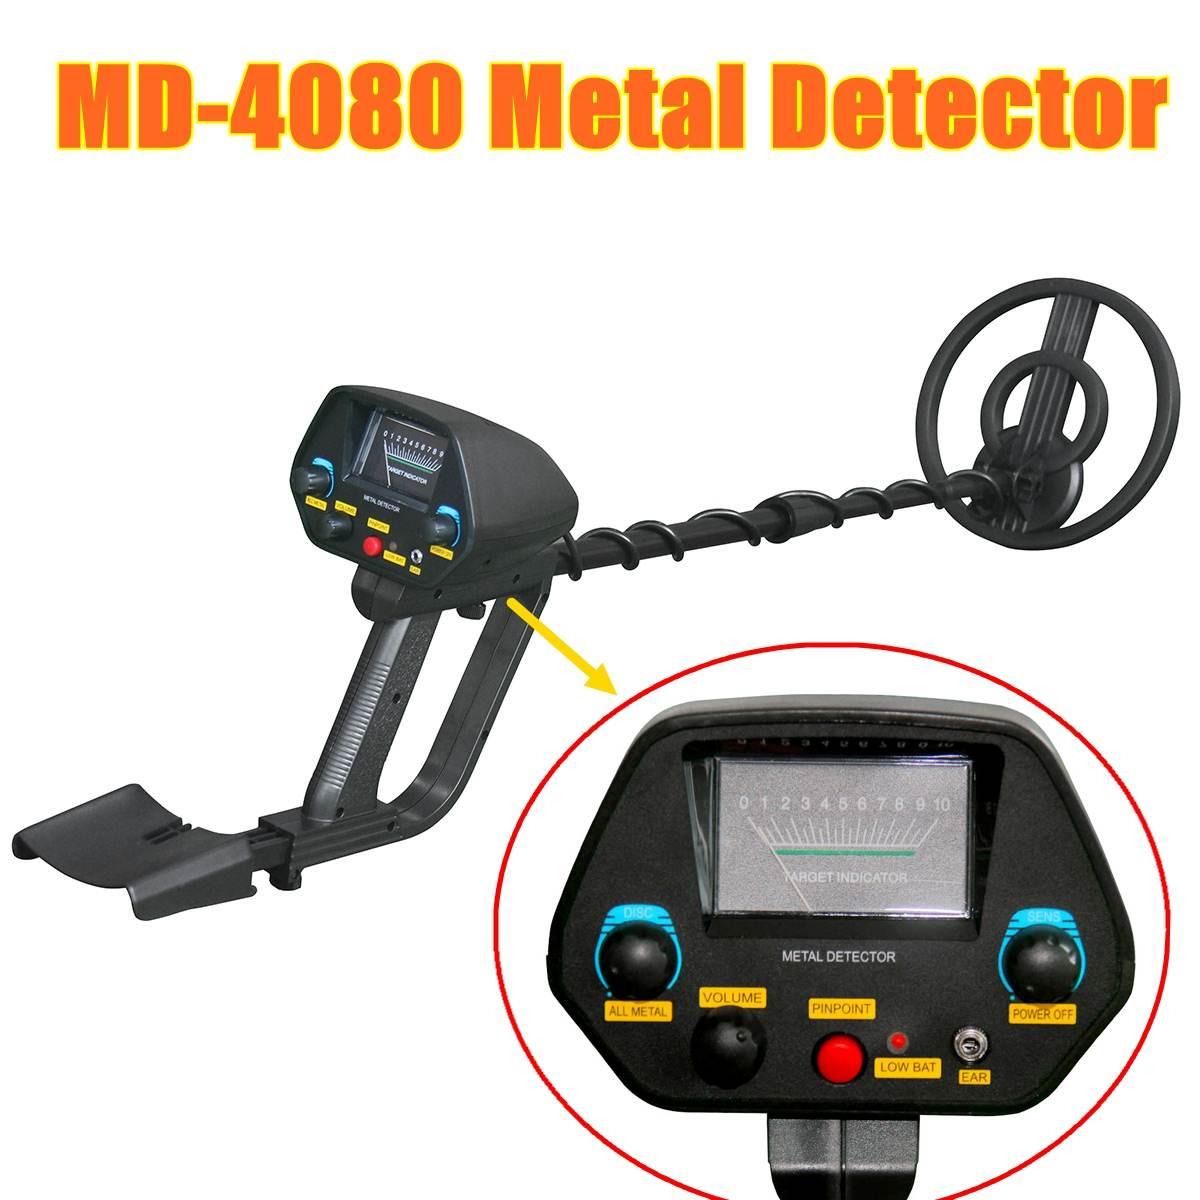 Detector de Metais Detector de Ouro Comprimento de Metal Buscador de Tesouro Ajustável Detector Portátil Md-4080